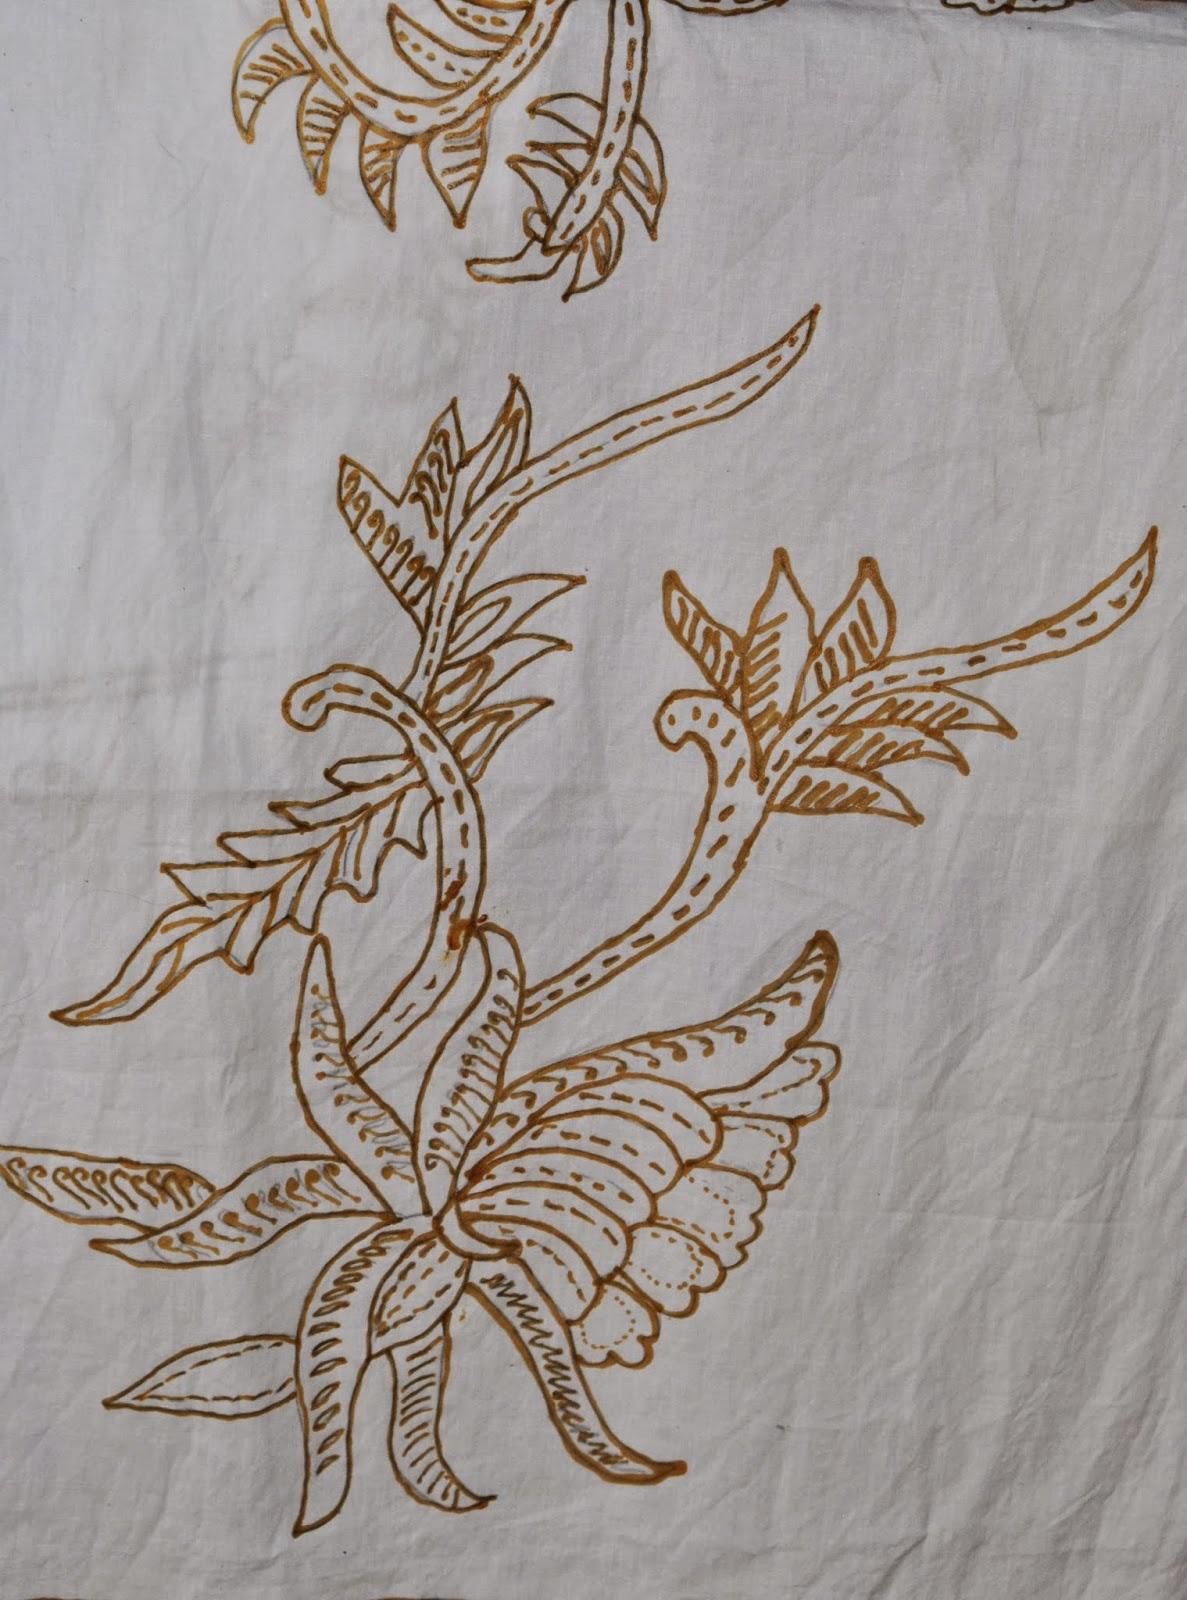 Galeri Gambar Sketsa Batik Mudah Digambar Terbaru Repptu